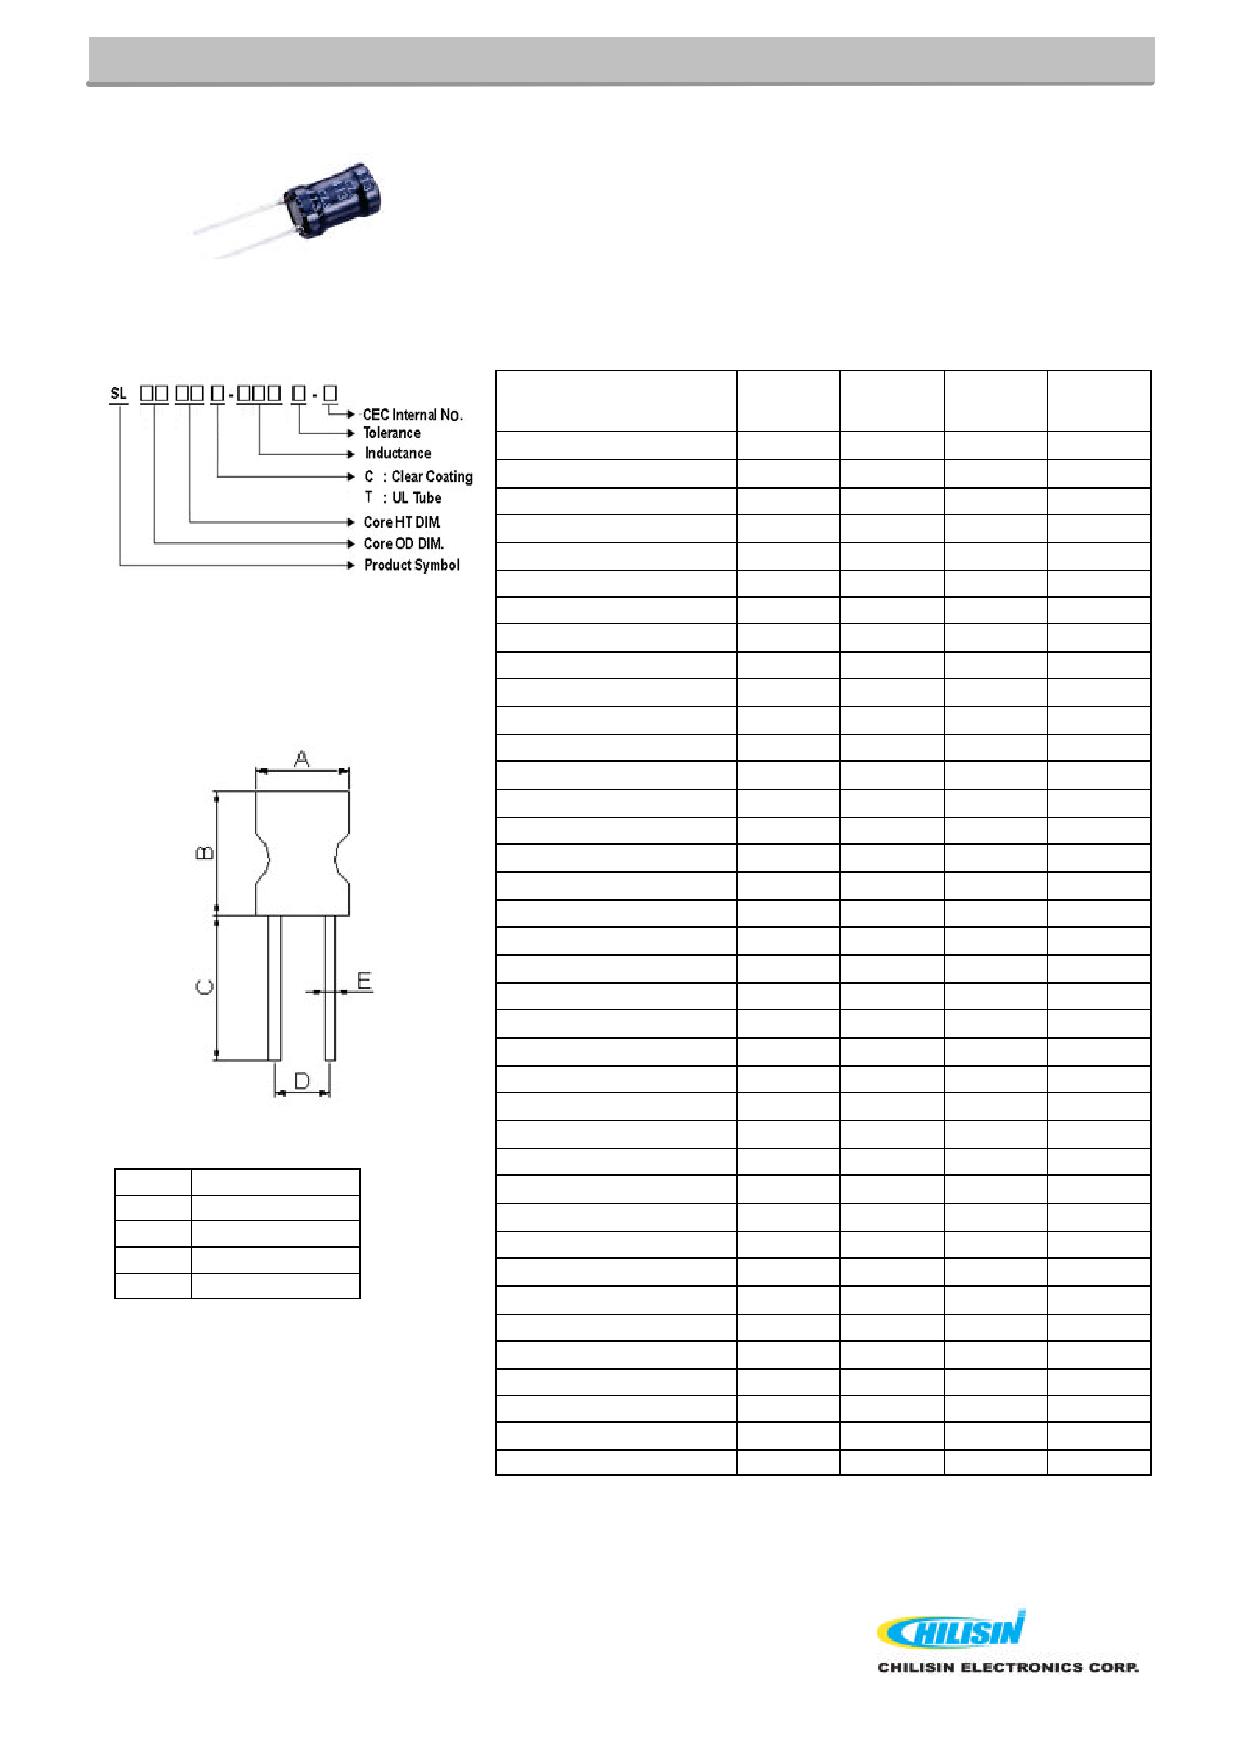 SL1016 데이터시트 및 SL1016 PDF